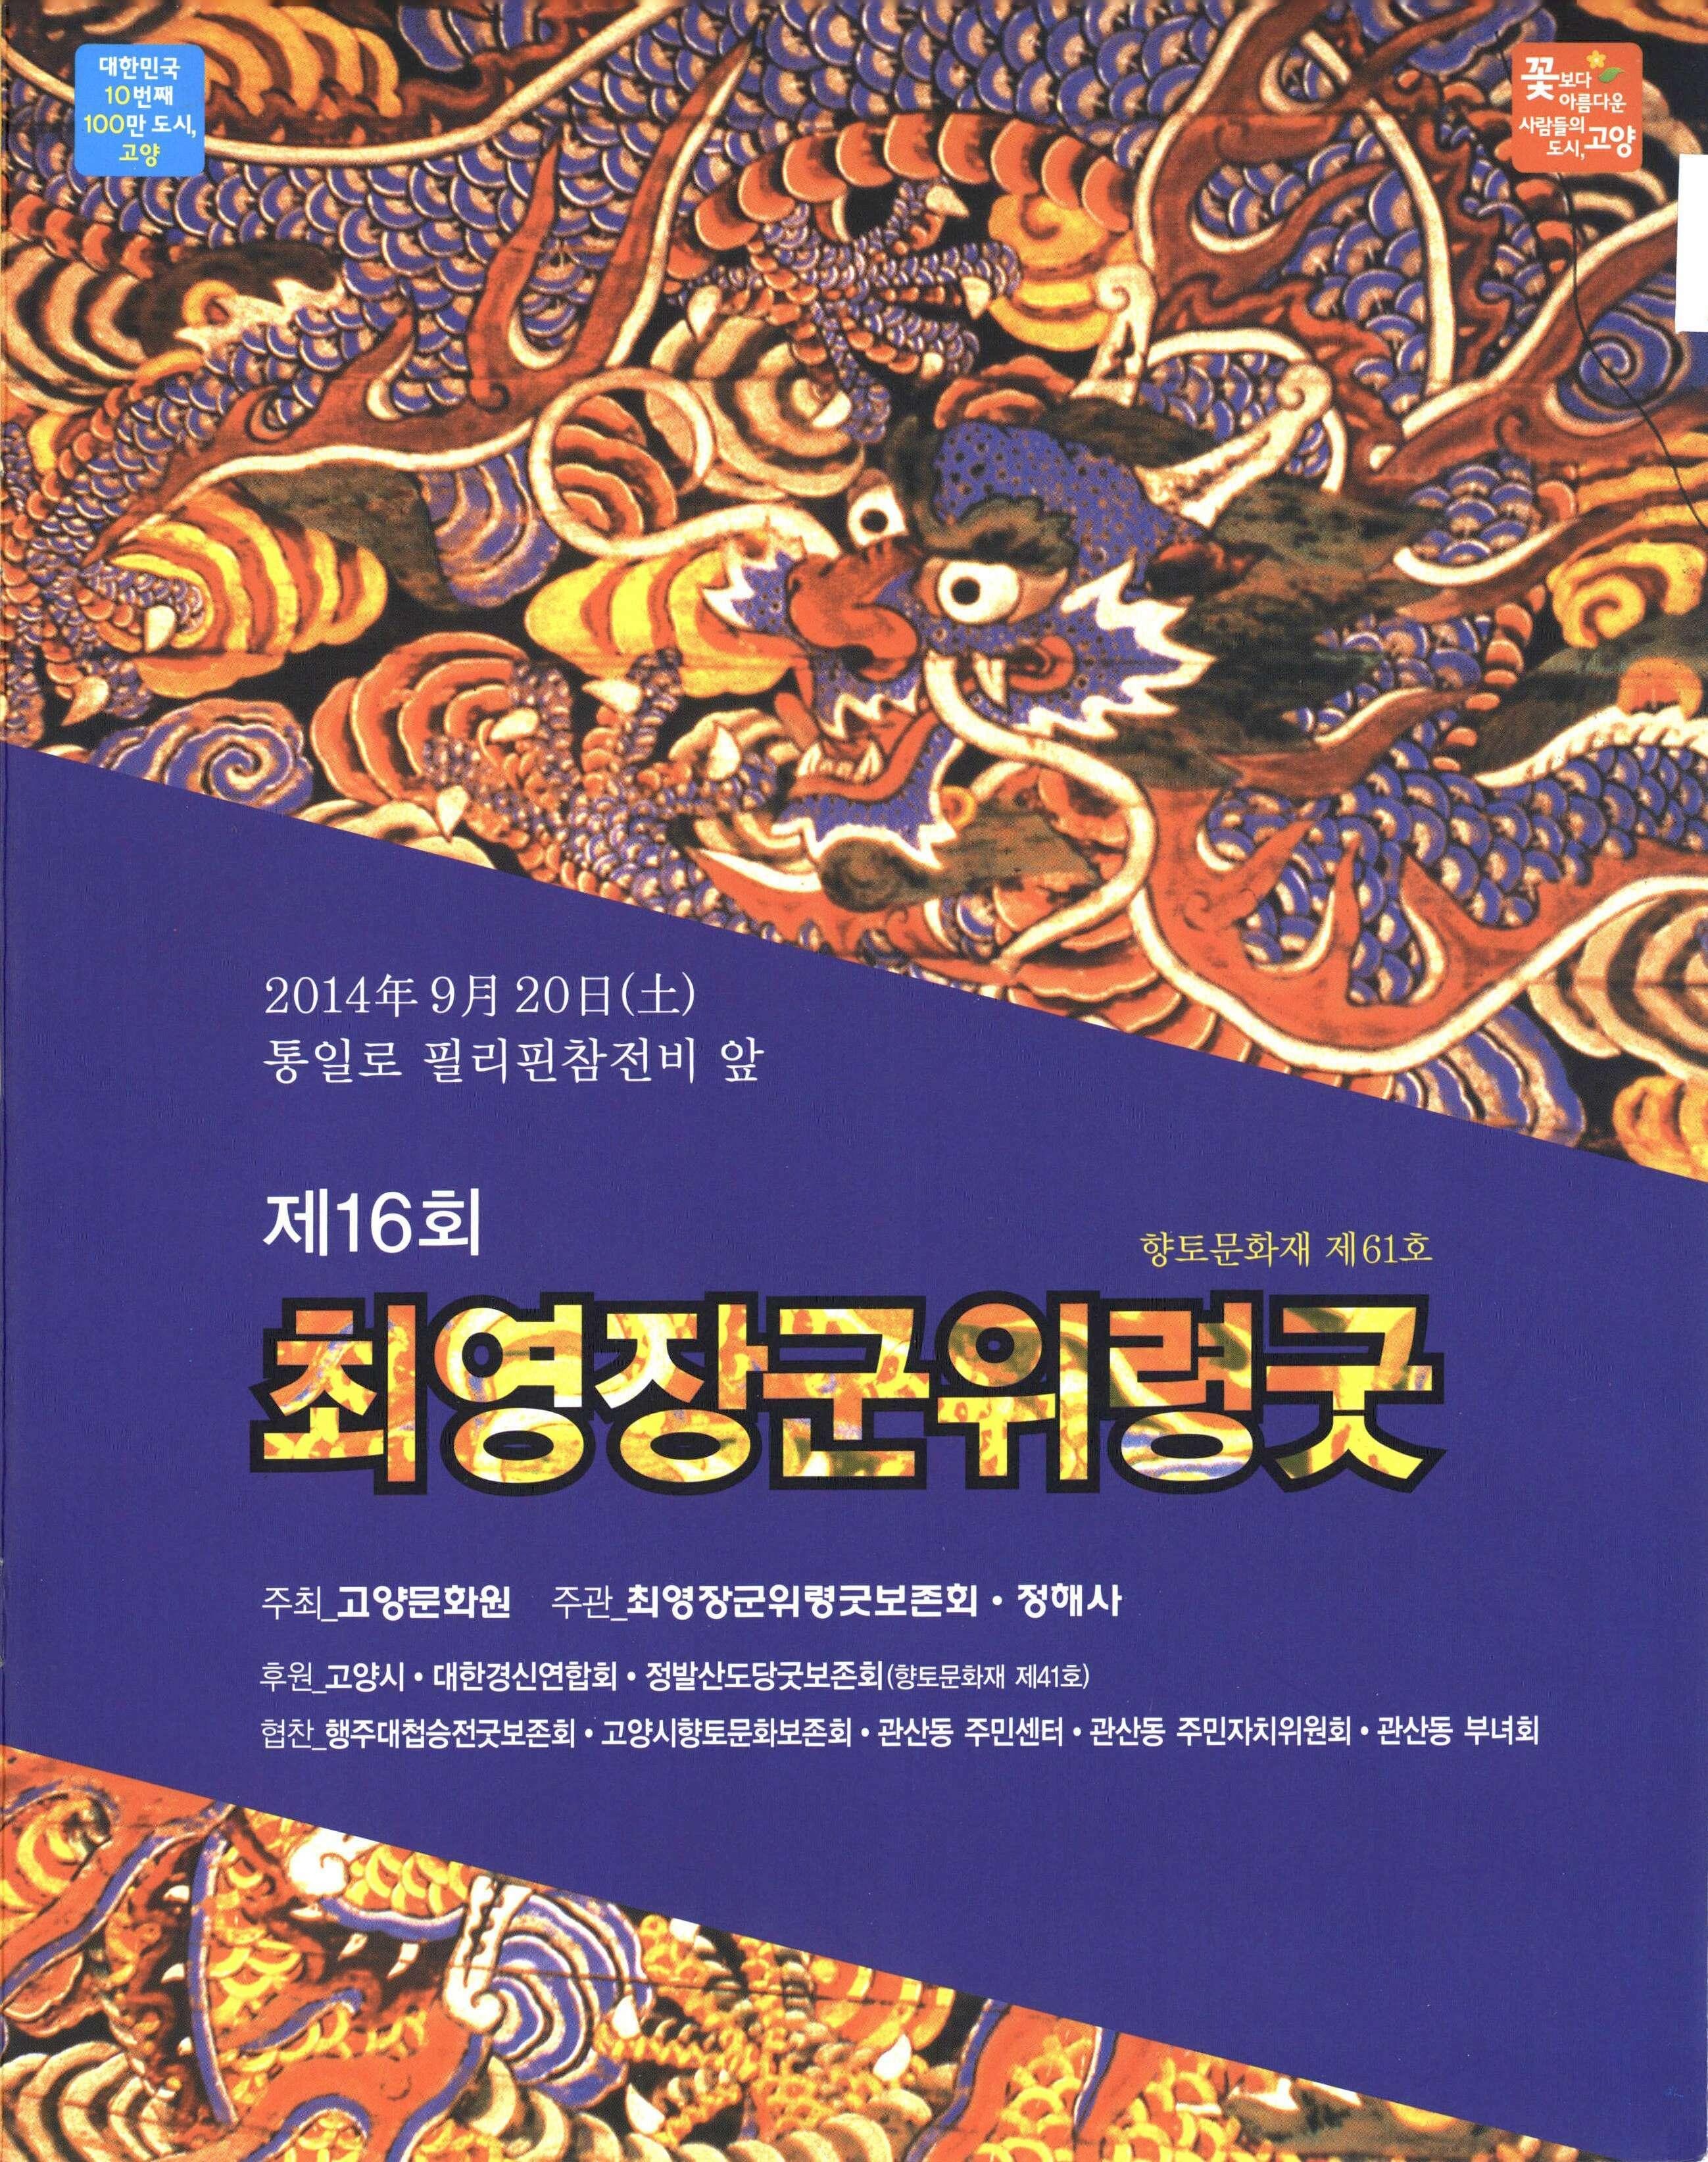 제16회 최영장군위령굿 향토문화재 제61호